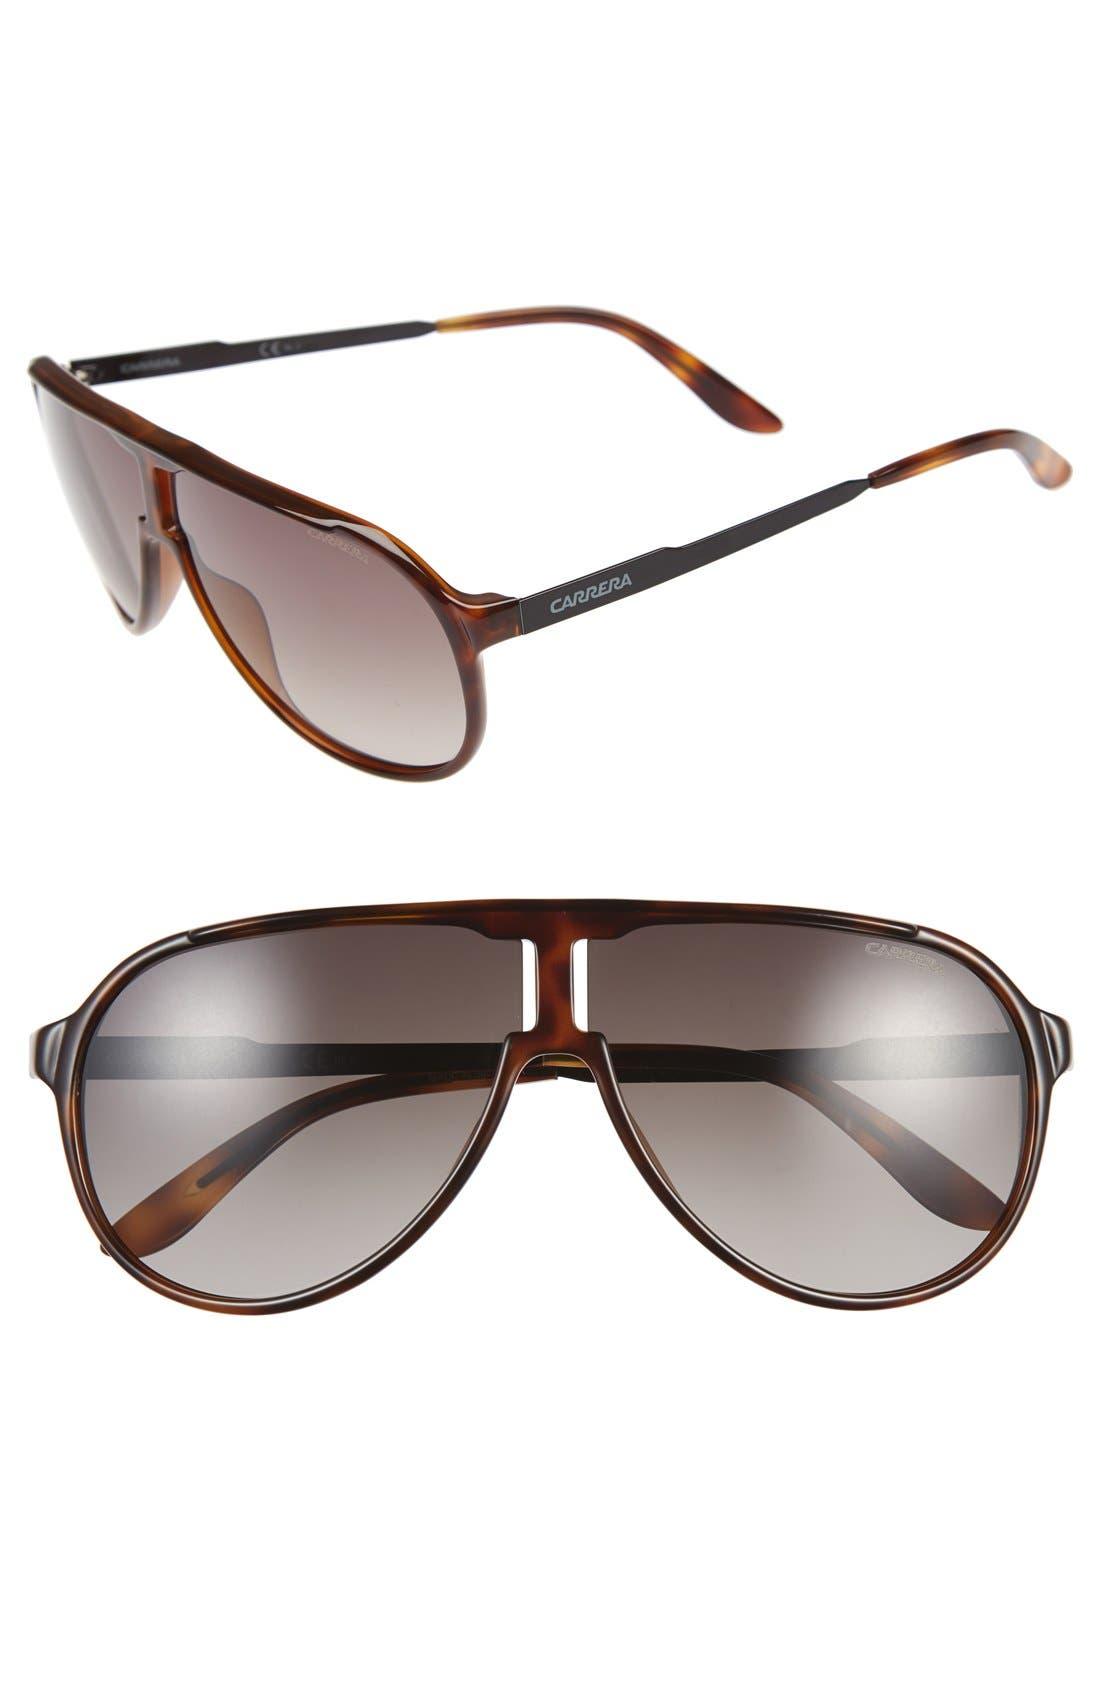 62mm Aviator Sunglasses,                             Main thumbnail 1, color,                             Havana Black/ Brown Gradient